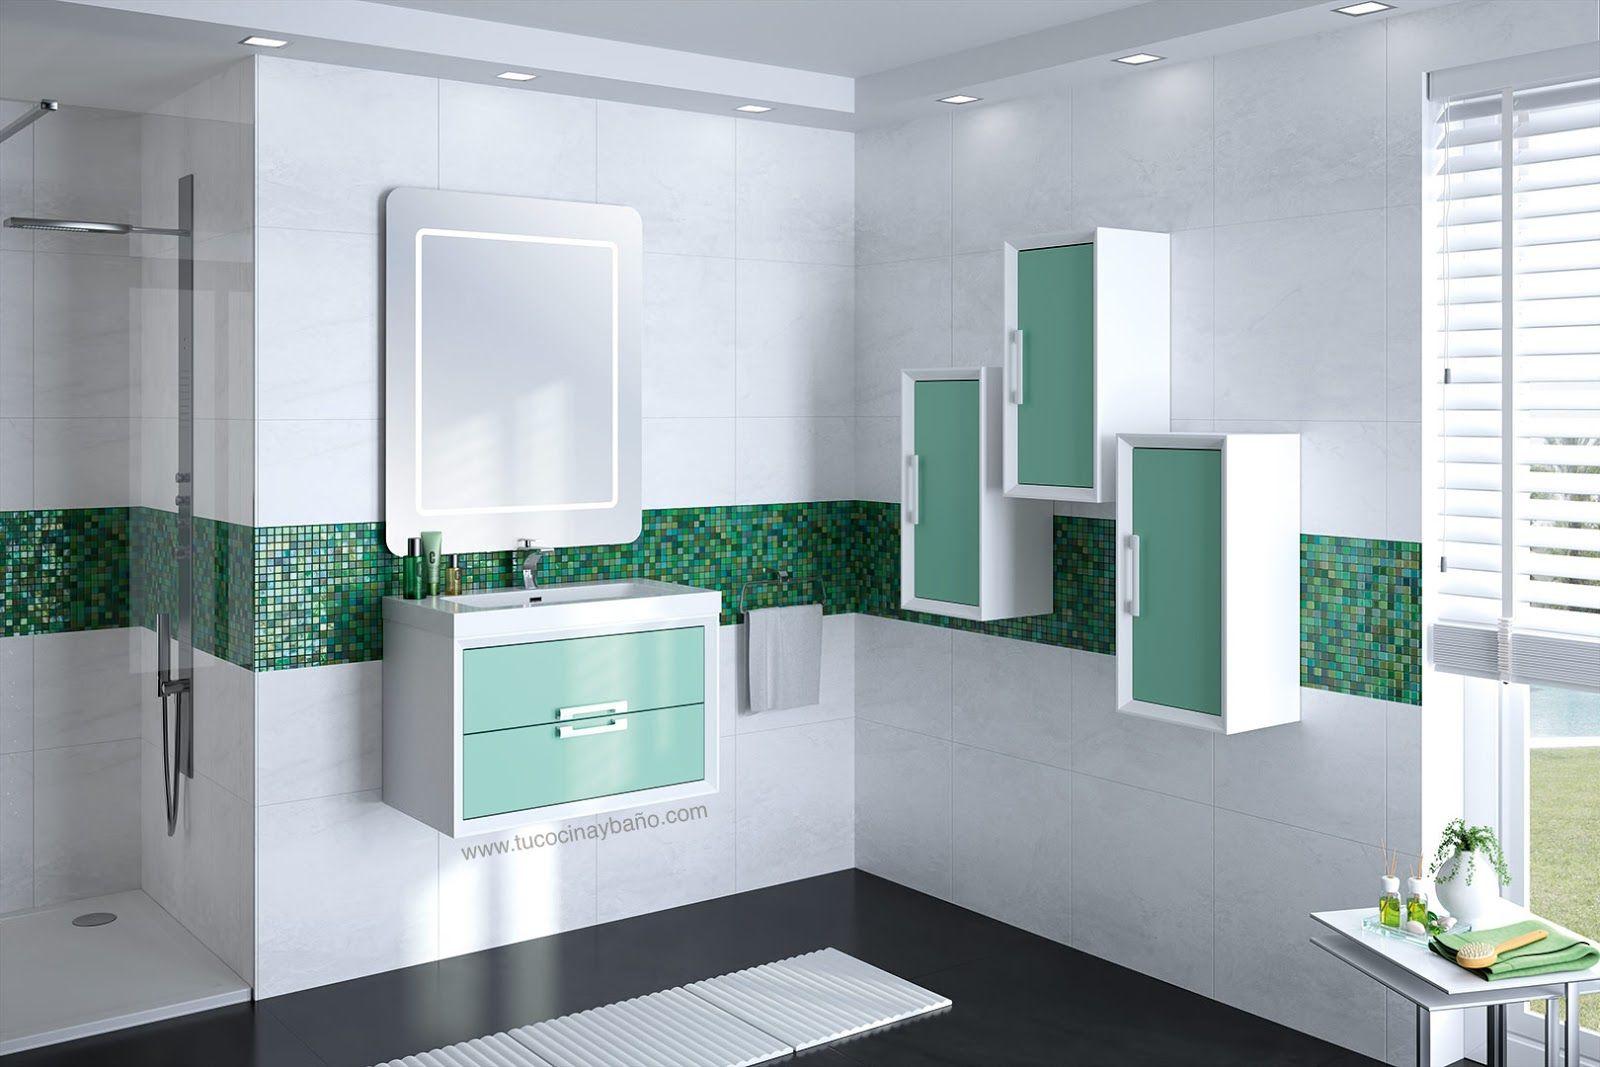 Mueble De Bano Verde Turquesa Blanco Bicolor Muebles De Bano